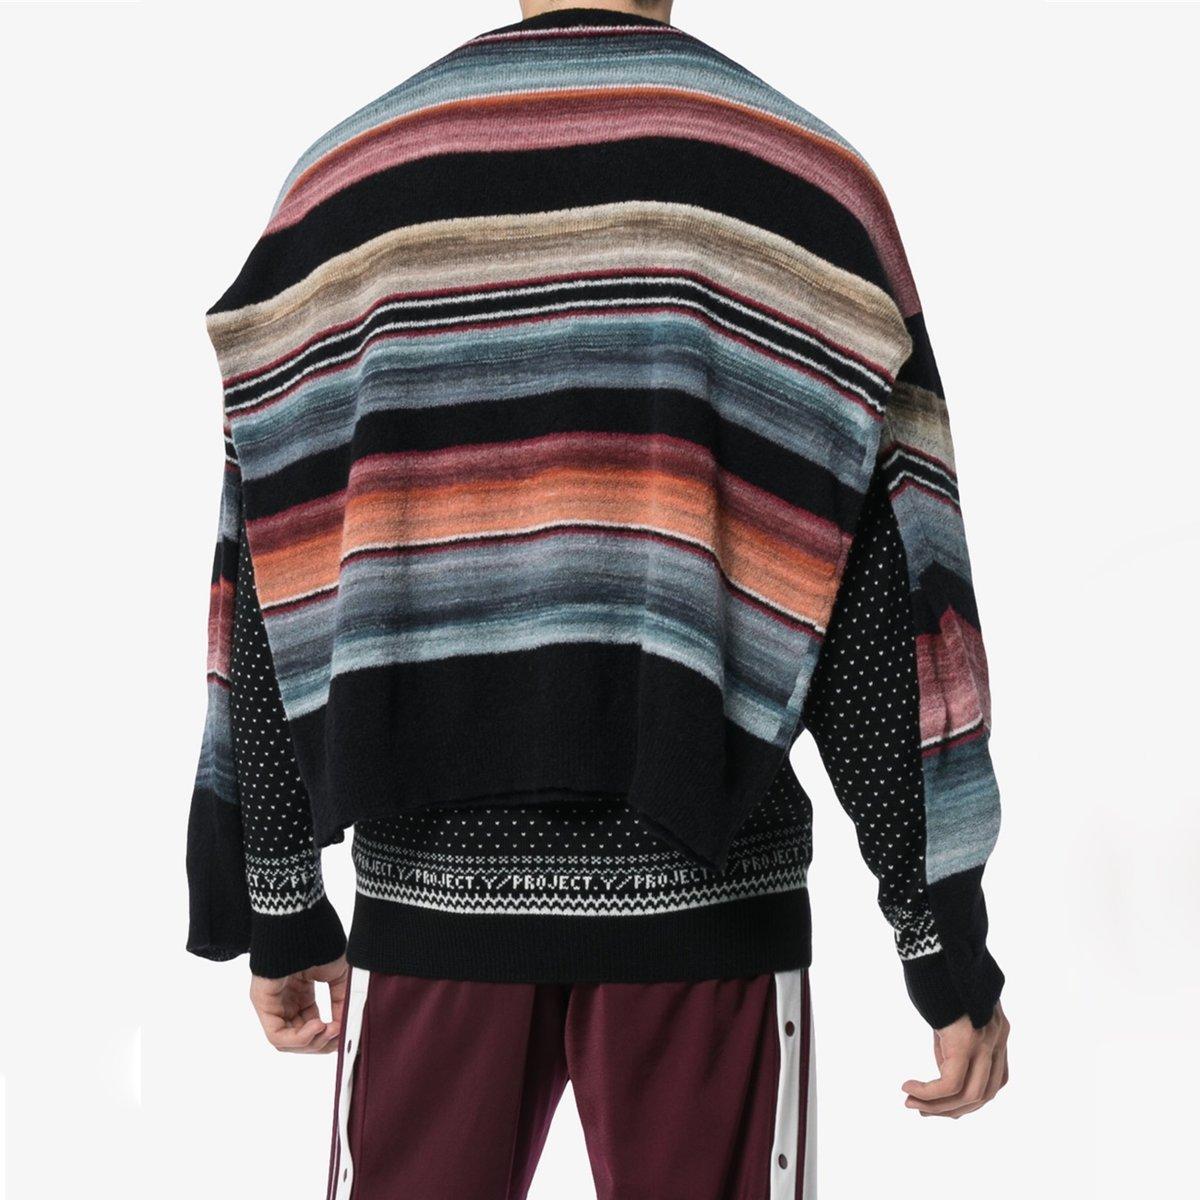 y-project-norwegian-panelled-knit-wool-jumper_13050727_13964899_1920.jpg